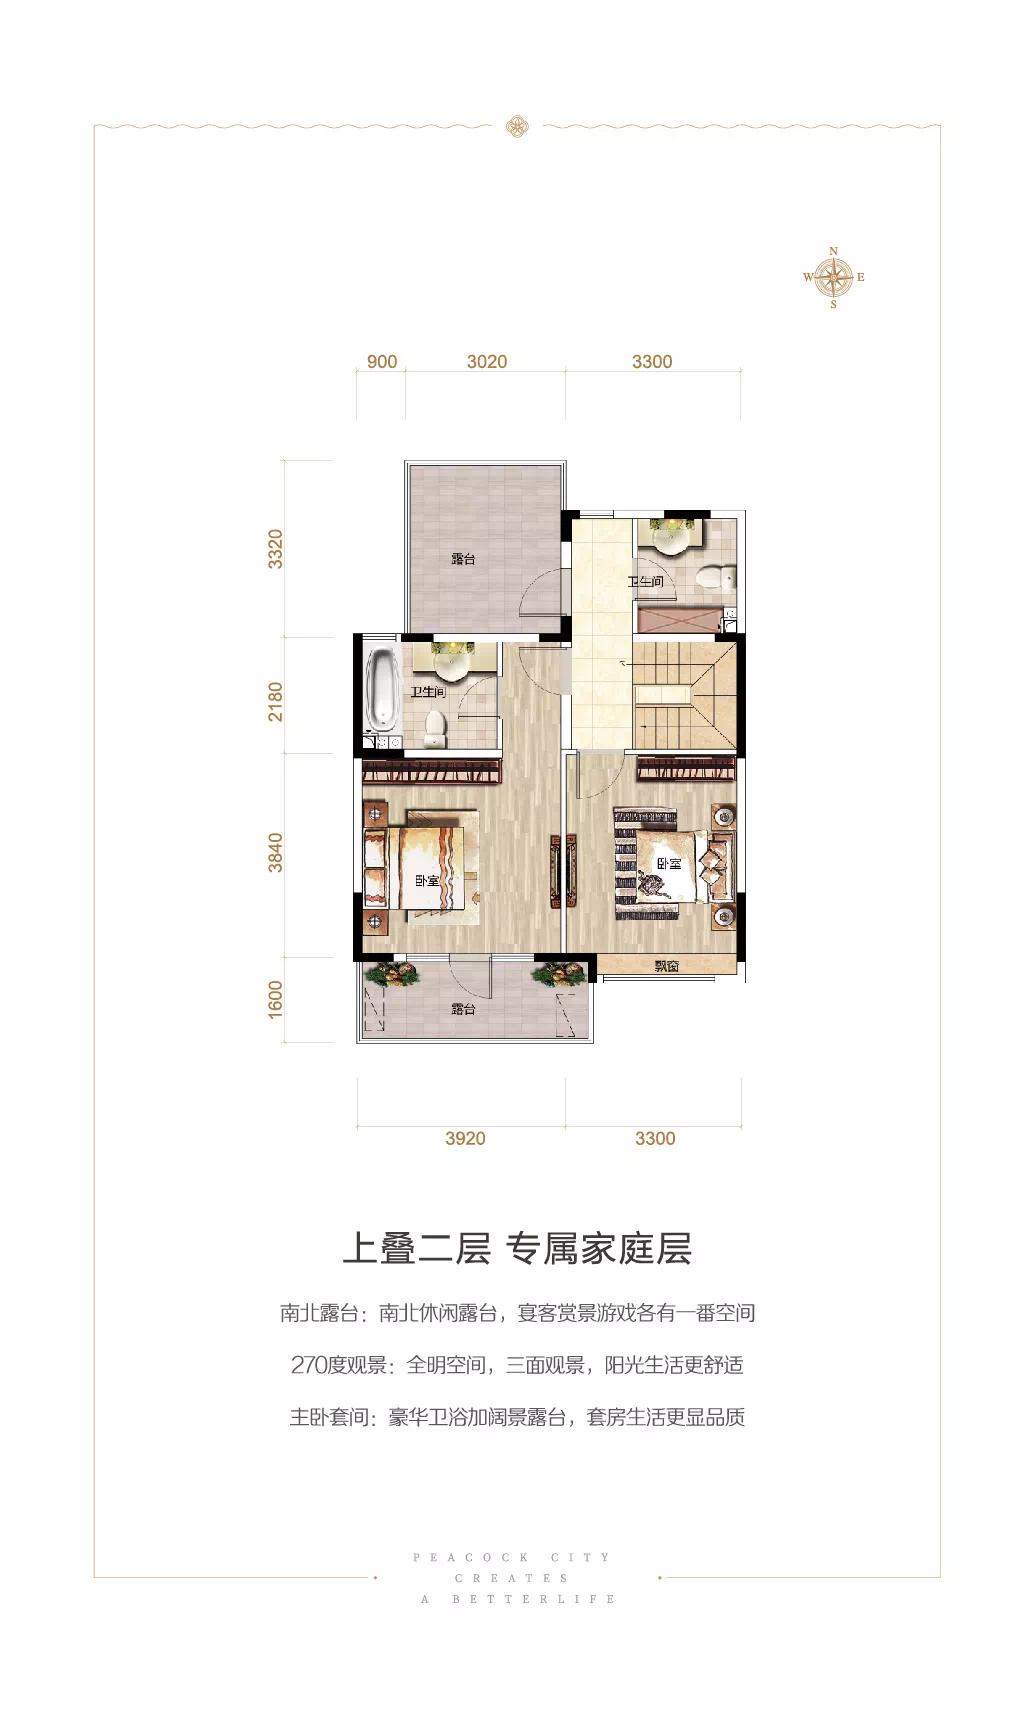 温泉新都孔雀城风情园项目全解析